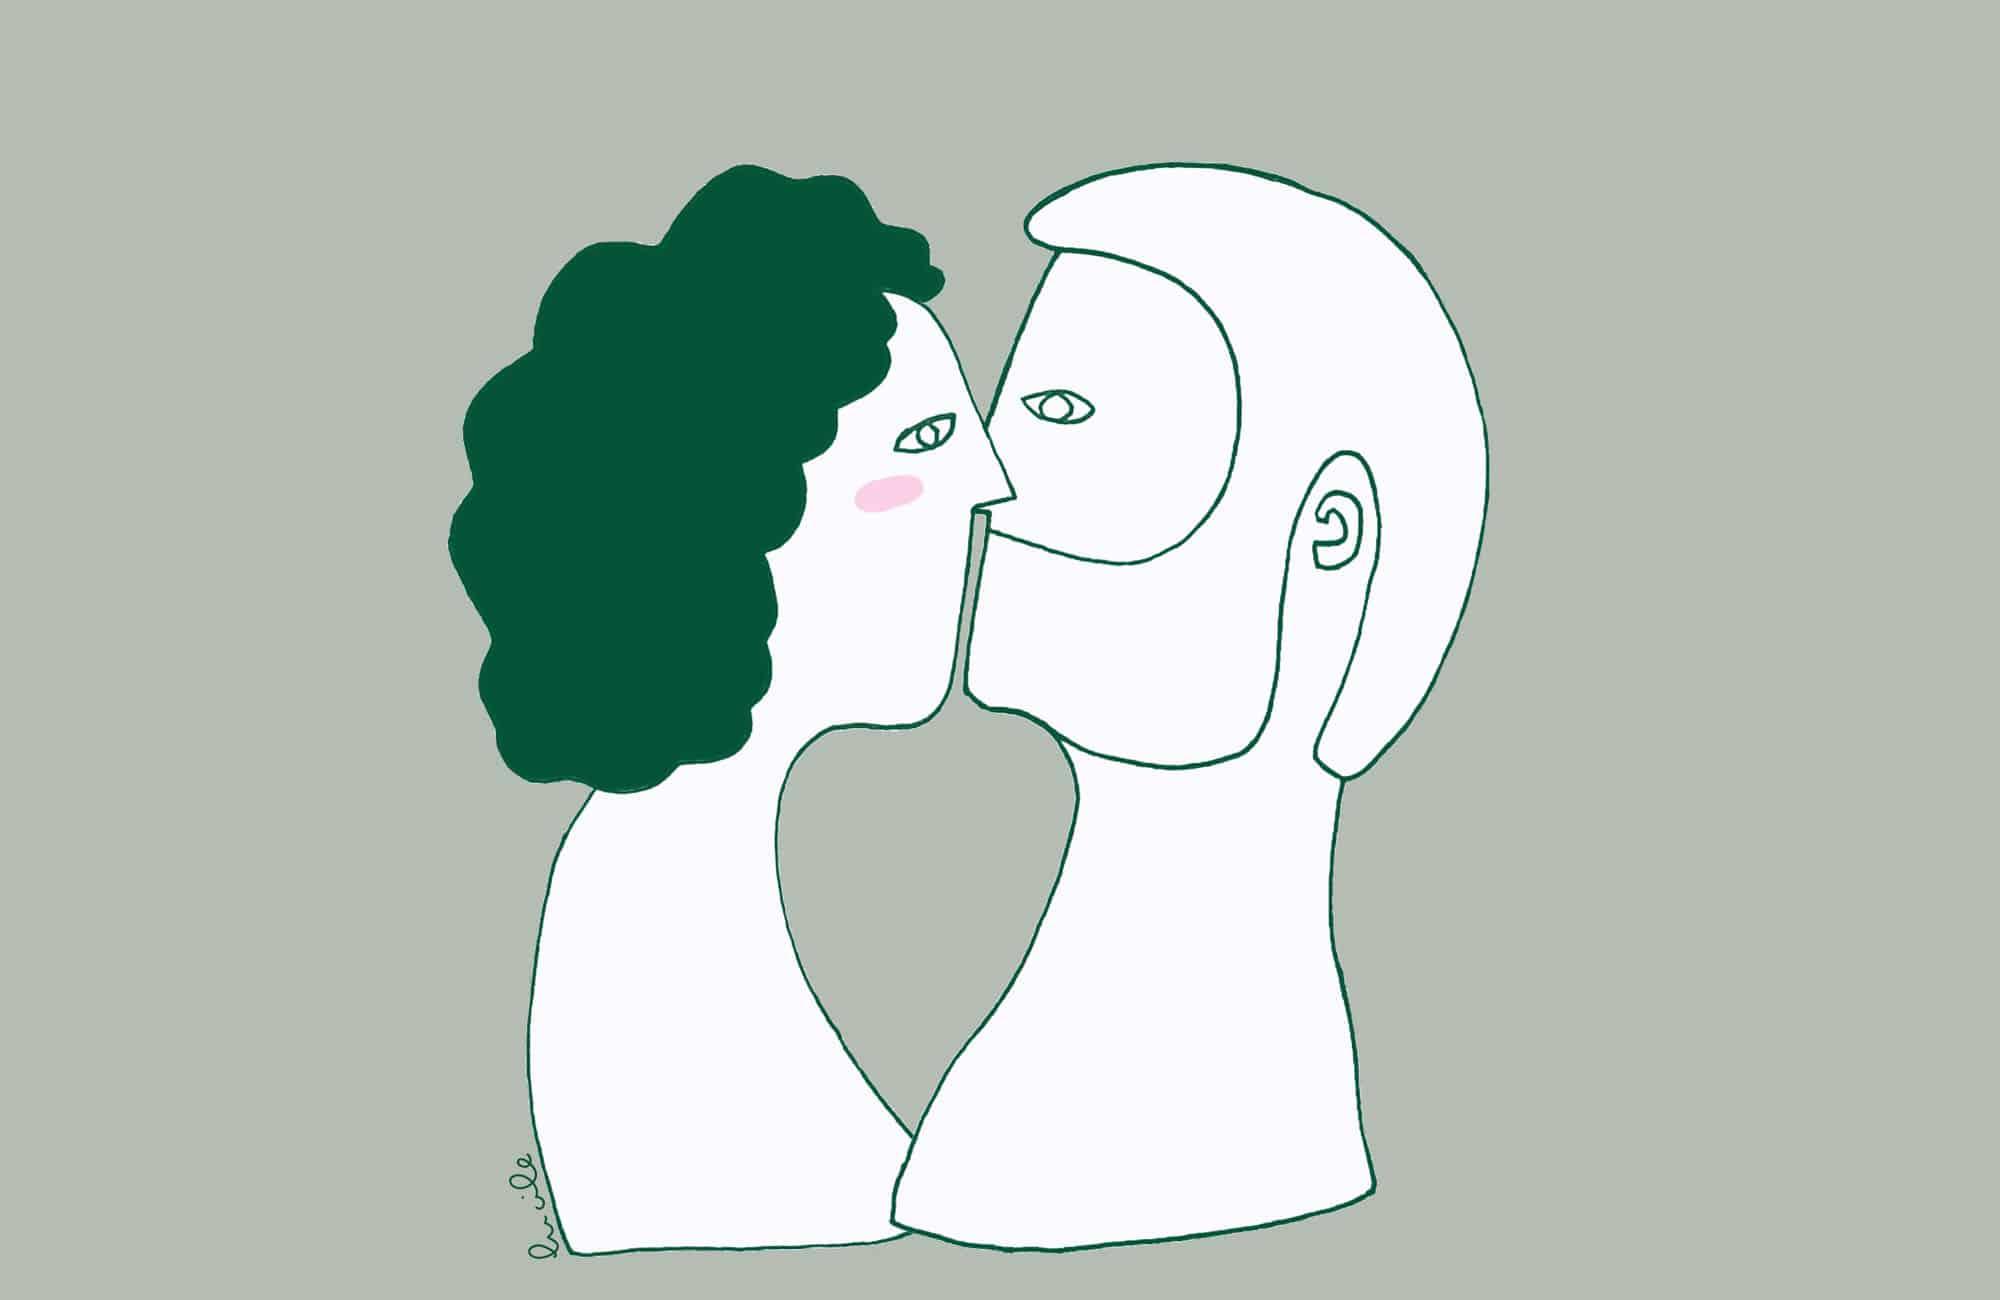 Dessin-couple